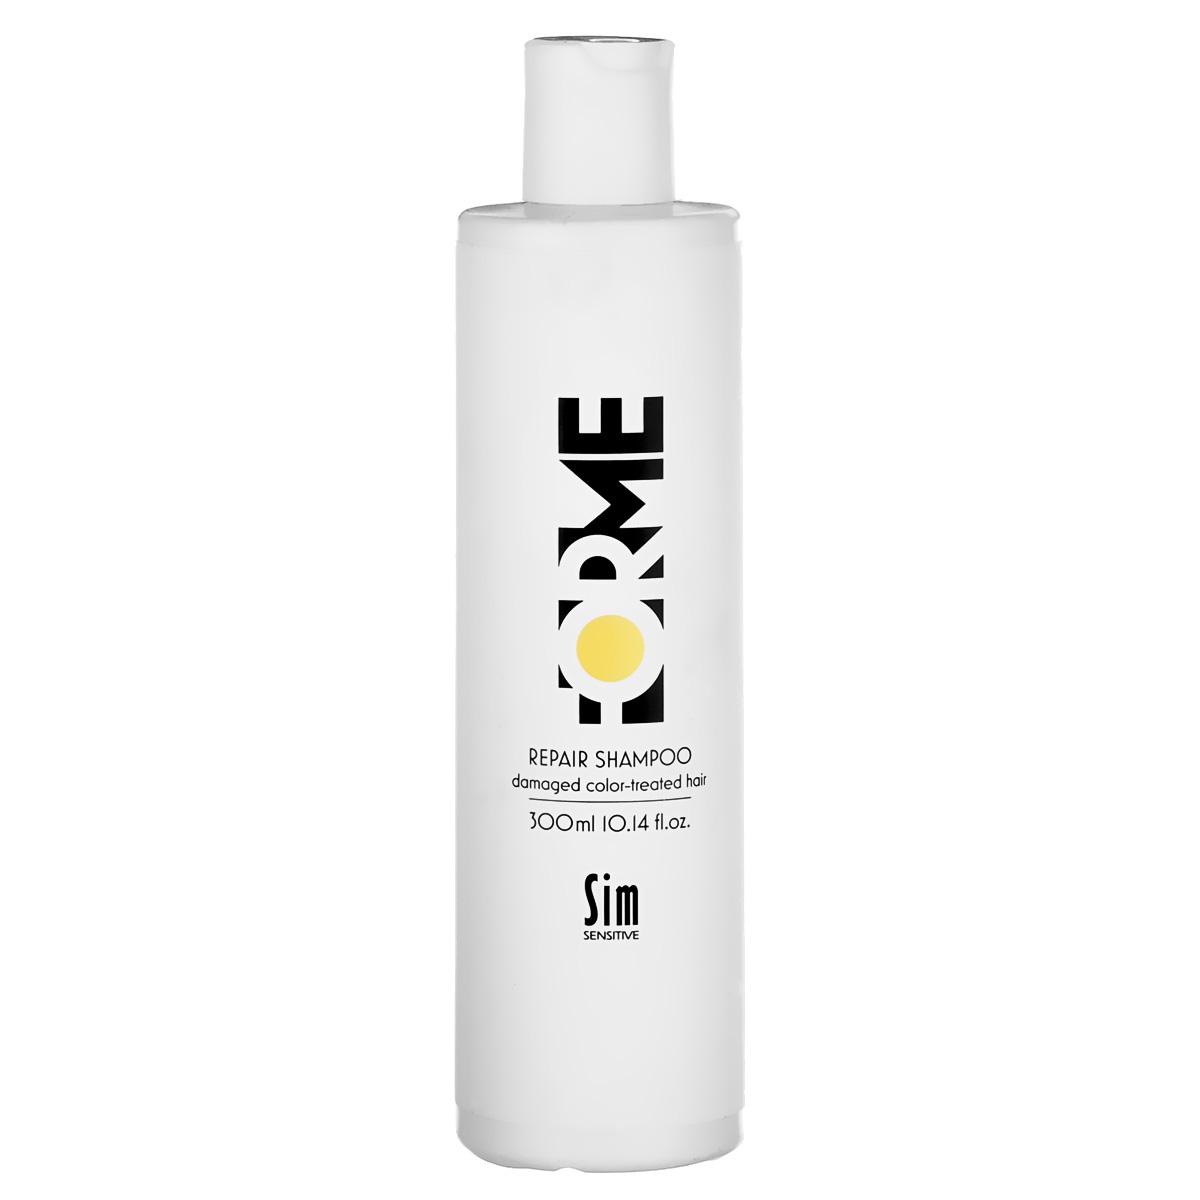 SIM SENSITIVE Шампунь для волос FORME Repair Shampoo 300мл лаки для волос sim sensitive лак для волос mega finish сильной фиксации 300мл